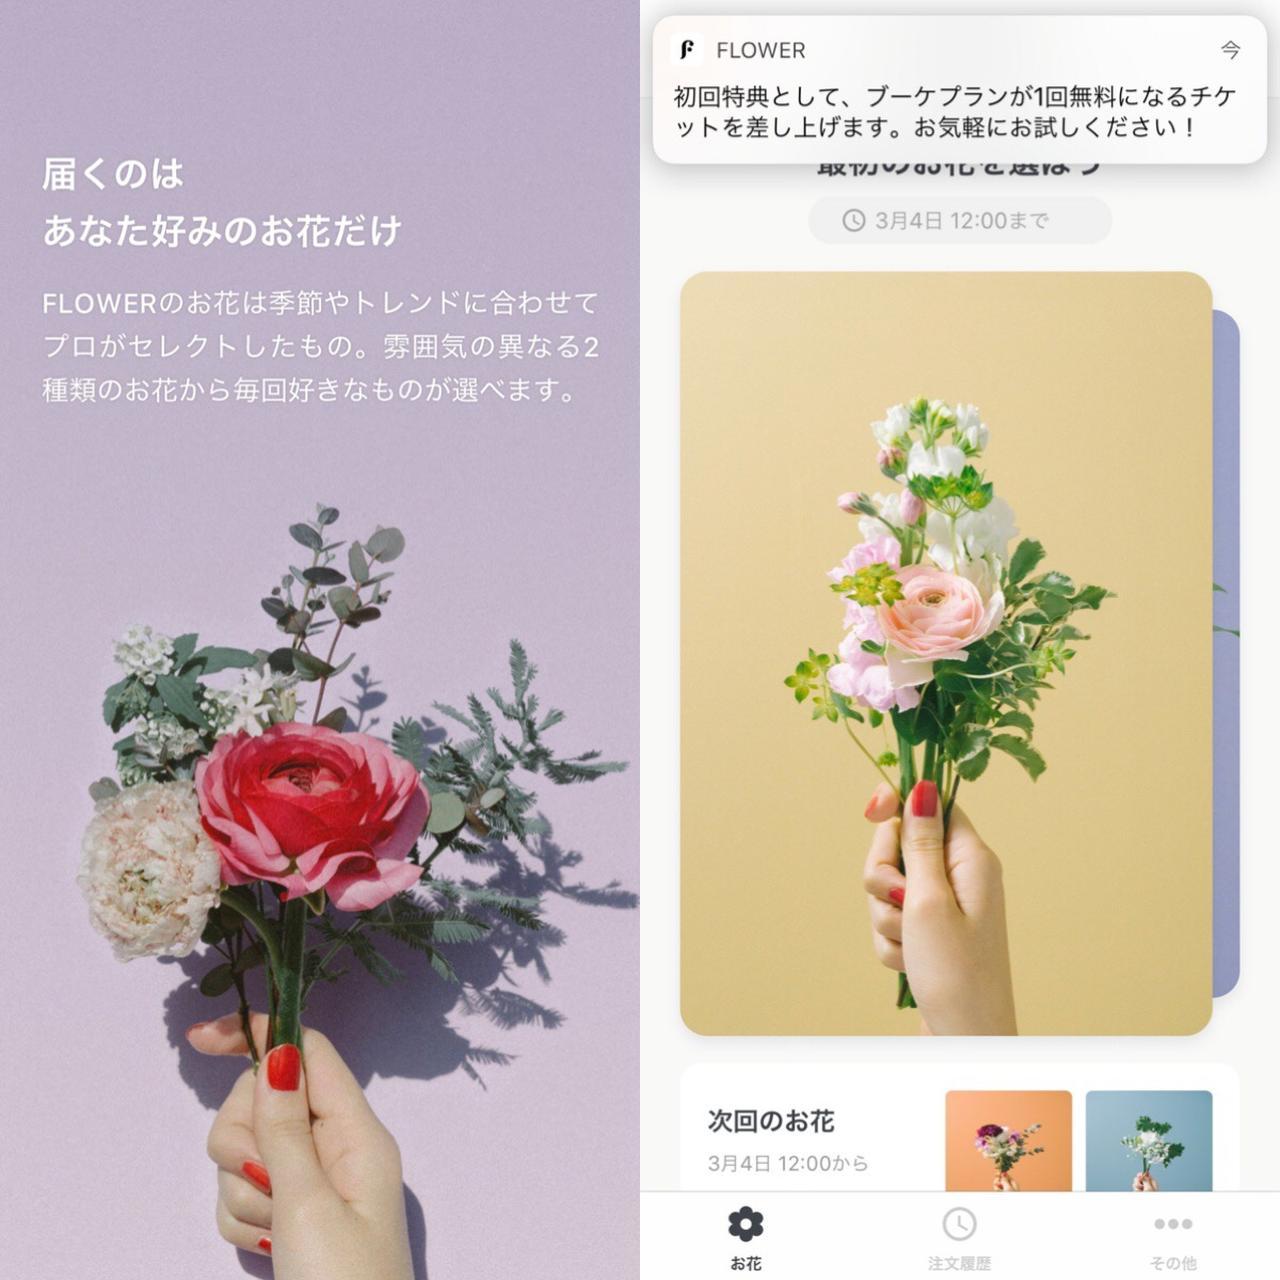 画像: プロがセレクト。季節に合わせたオシャレなブーケや一輪花が届きます。